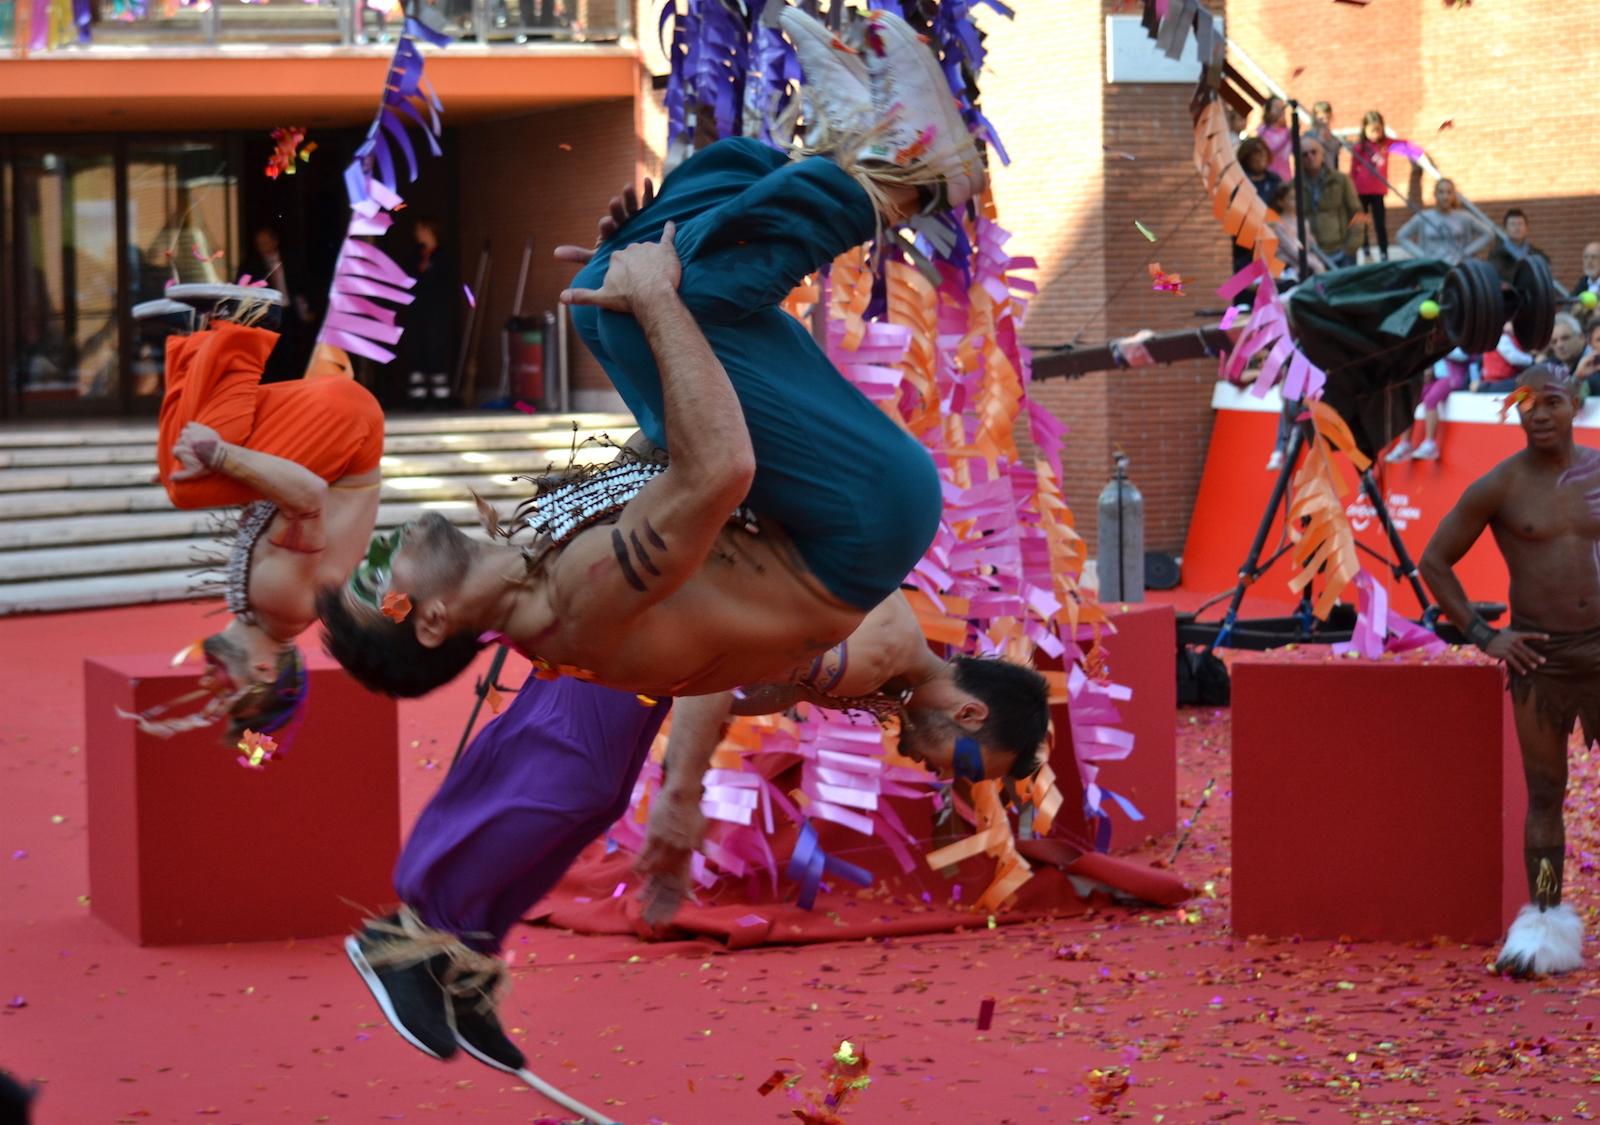 Roma 2015: acrobazie sul red carpet di Pan - Viaggio sull'isola che non c'è